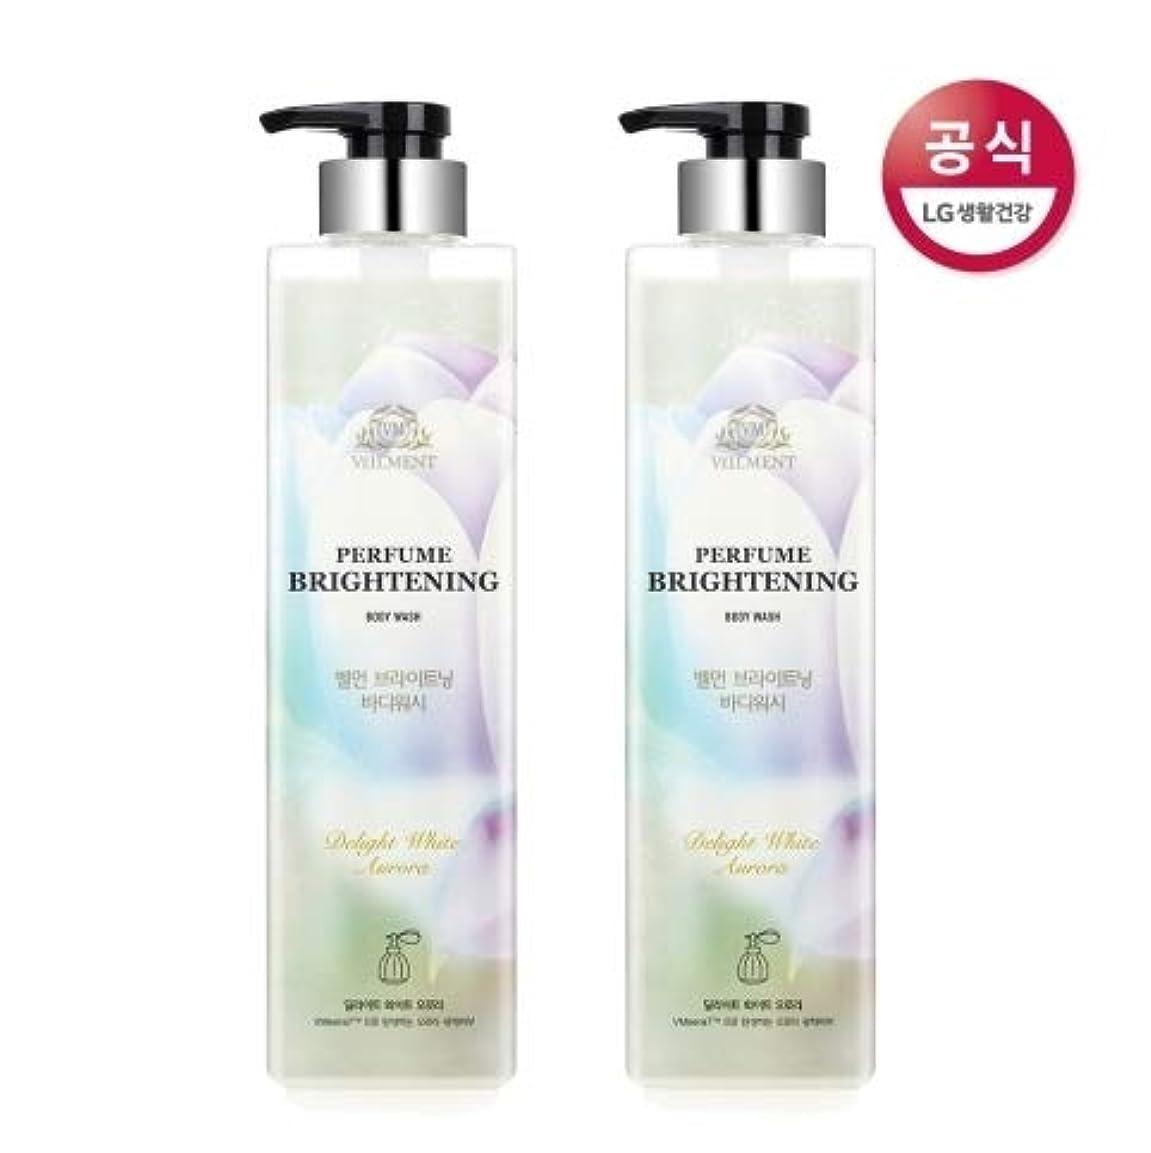 シャベルれる古い[LG HnB] On the Body Belman Perfume Brightening Body Wash / オンザボディベルモンパフュームブライトニングボディウォッシュ680mlx2個(海外直送品)